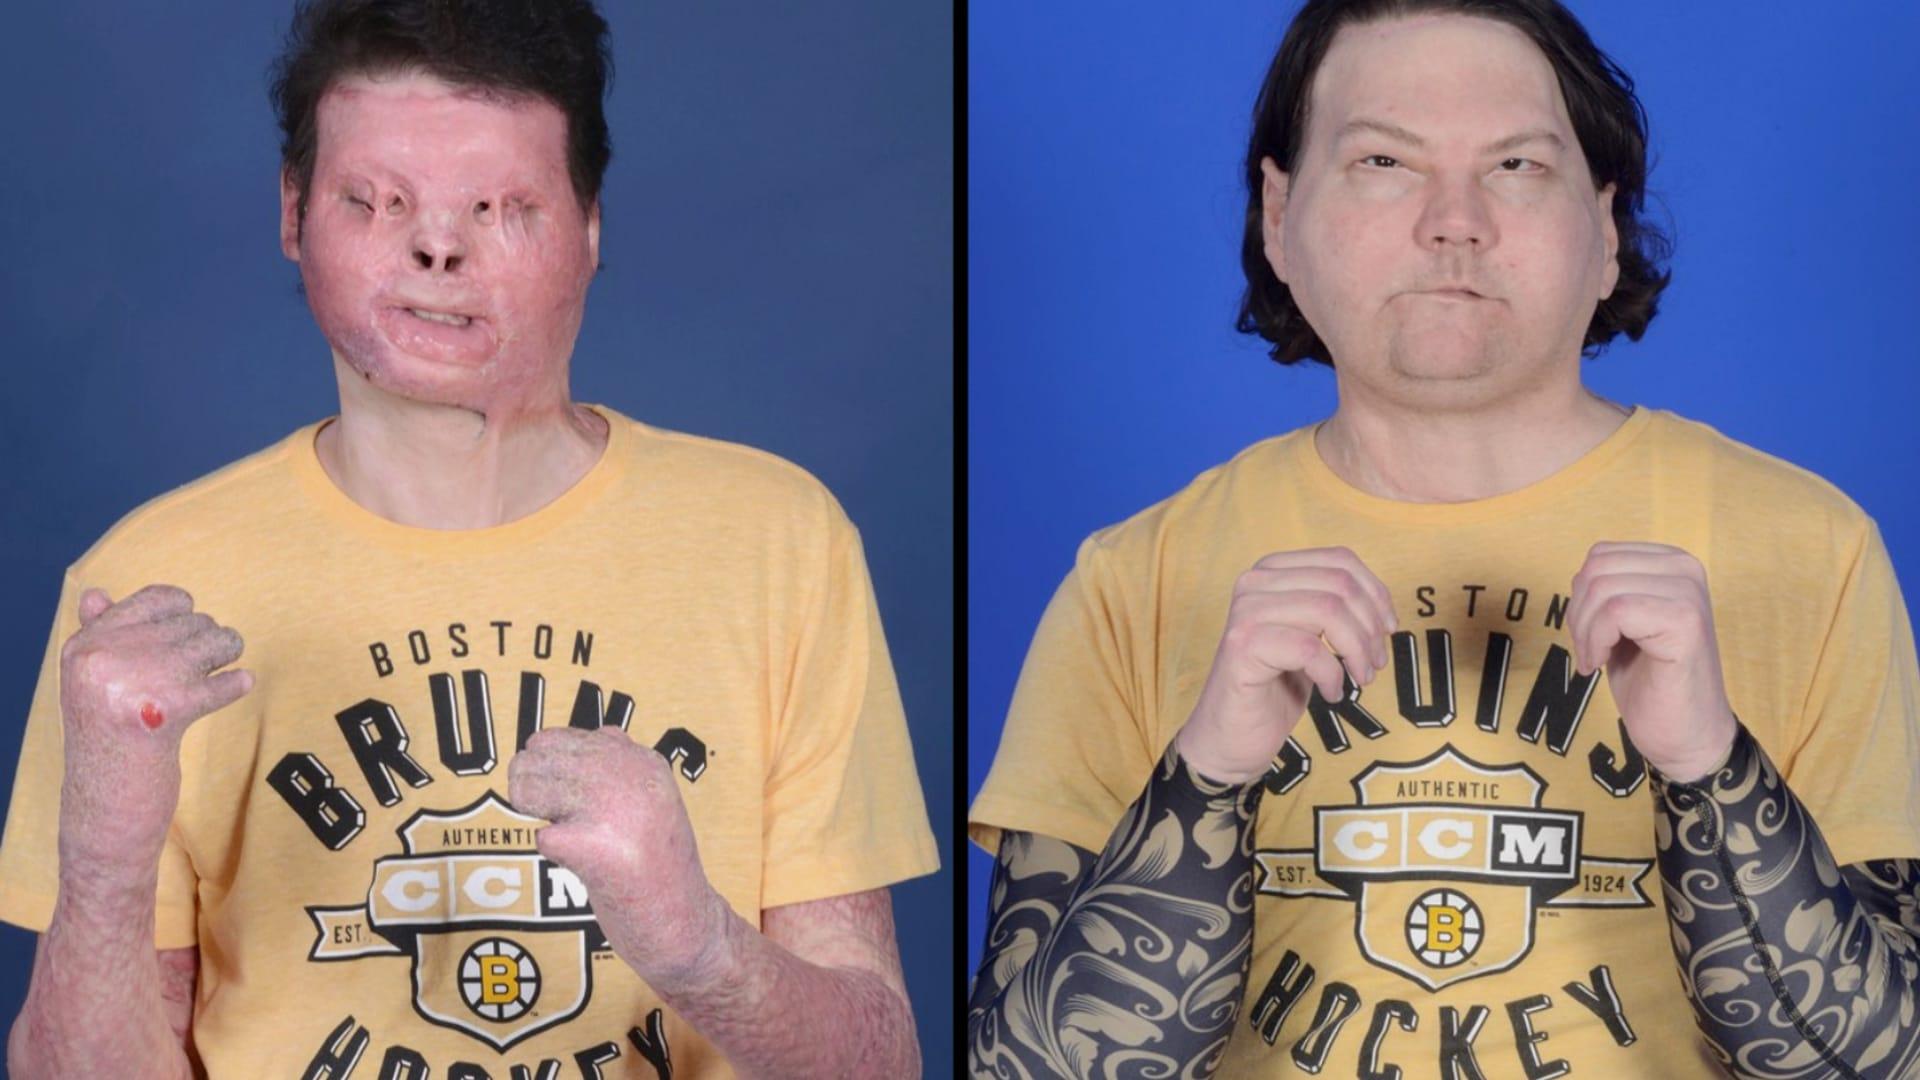 16 جراحا و23 ساعة.. نجاح عملية زراعة وجه ويدين لرجل